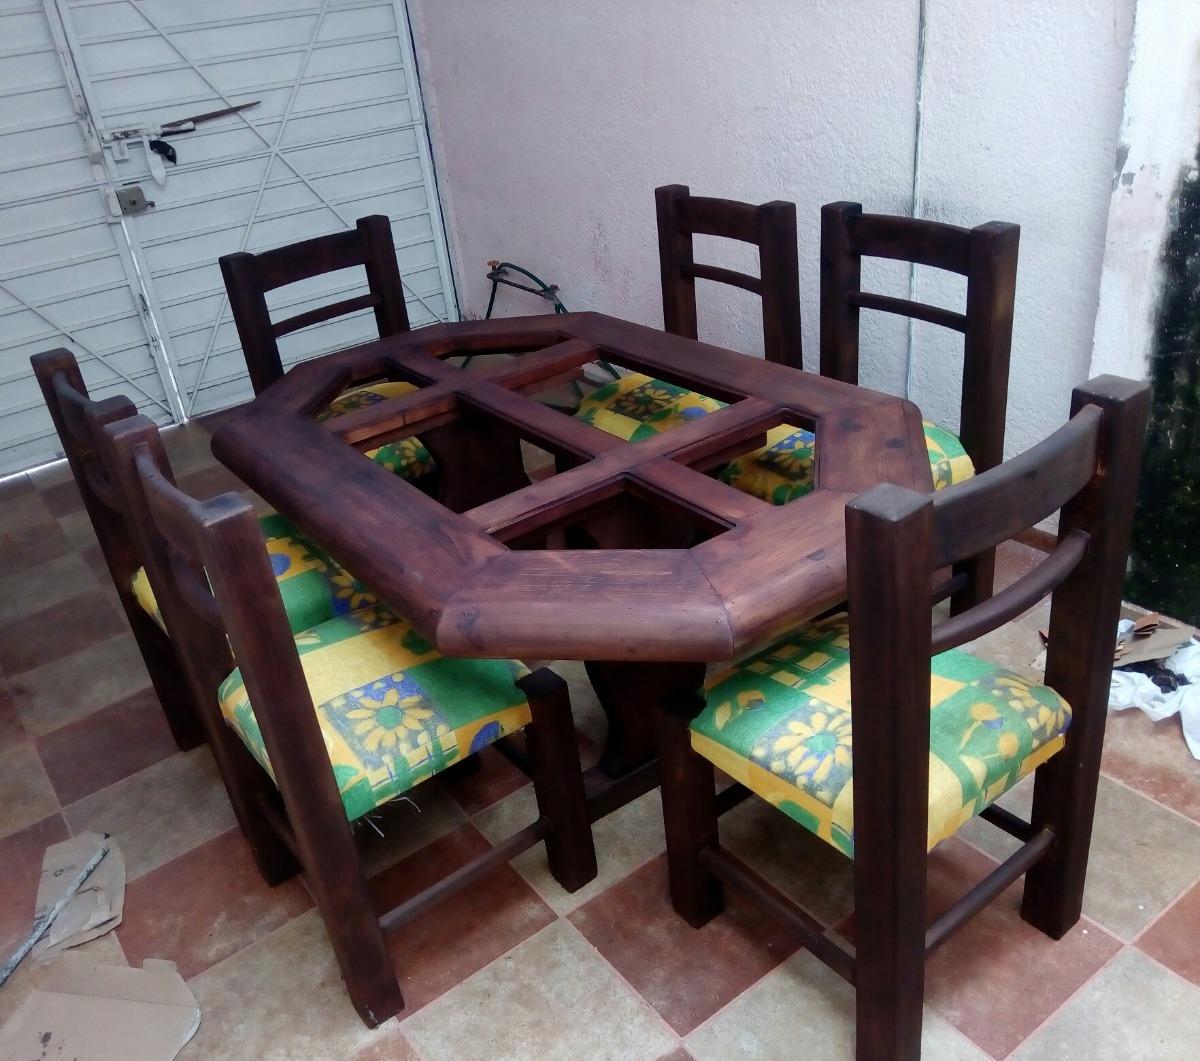 Comedor Rustico Resistente Madera, 6 Sillas Buen Estado - $ 4,000.00 ...